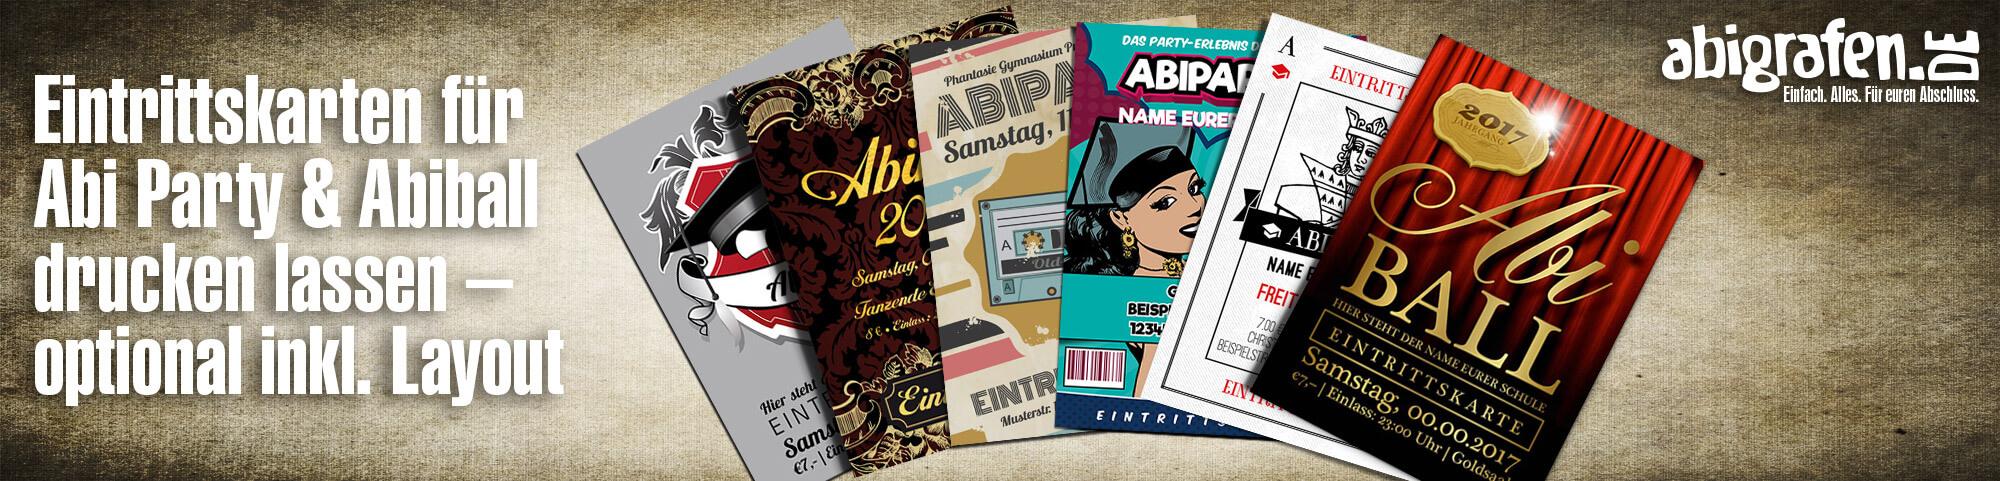 Abfeier/Abi Party/Abiball Eintrittskarten Design & Druck (mit Abriss/Nummerierung)